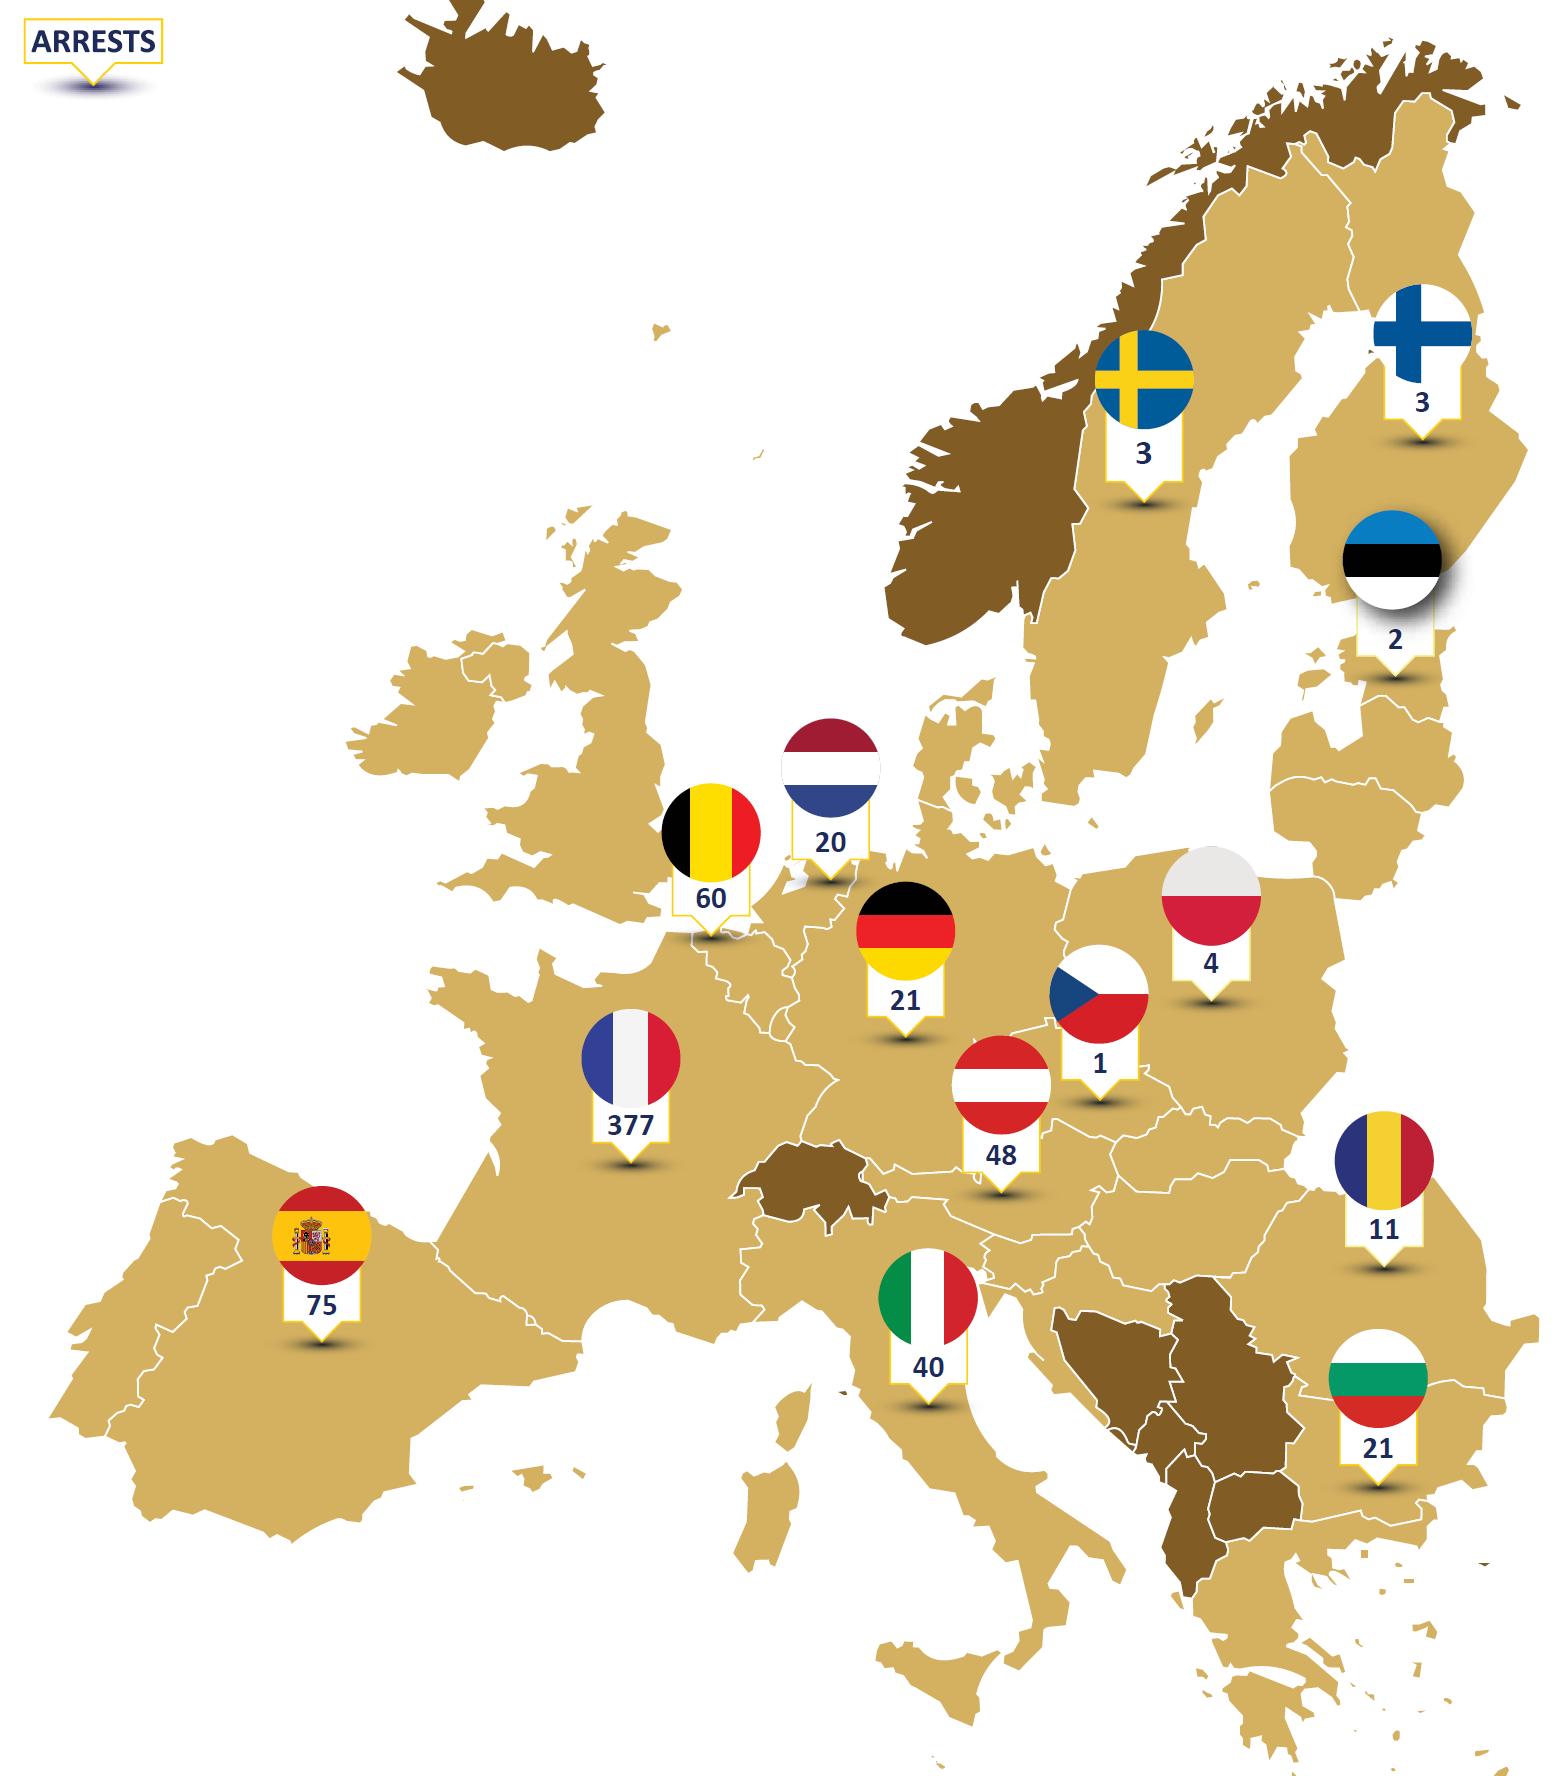 EU_Arrests